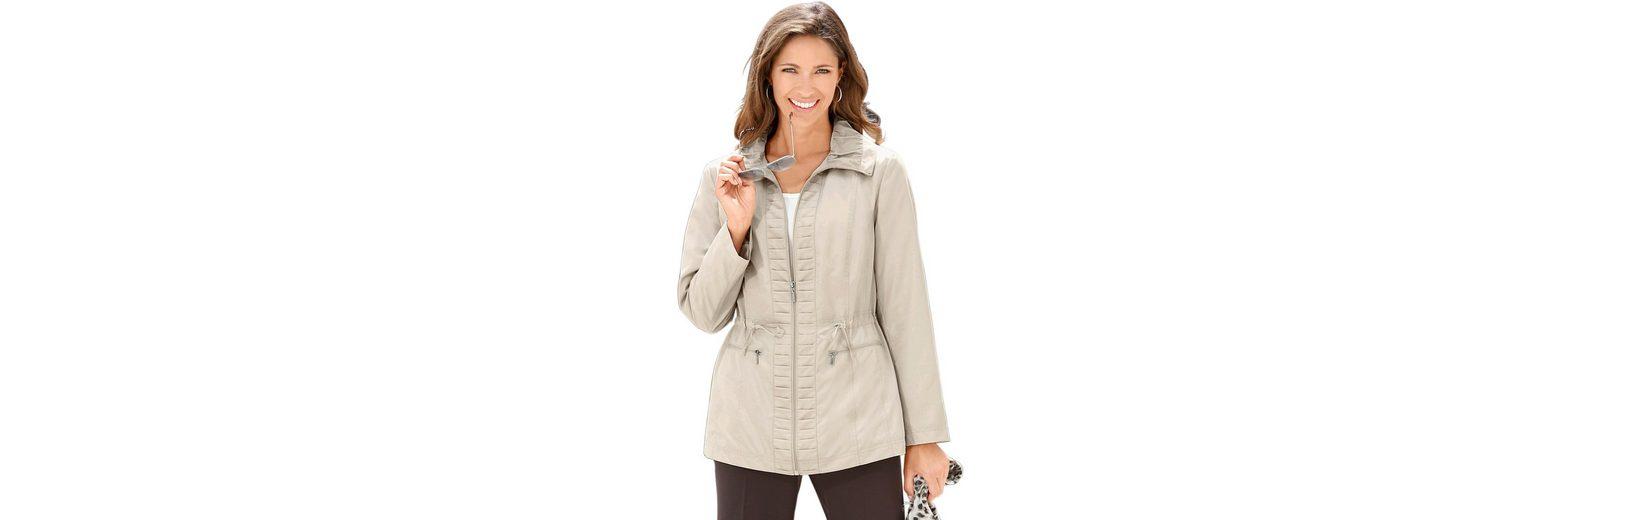 Classic Basics Jacke mit Raffung am Kragen Footlocker Zum Verkauf Verkauf Mode-Stil pjOFWlxk